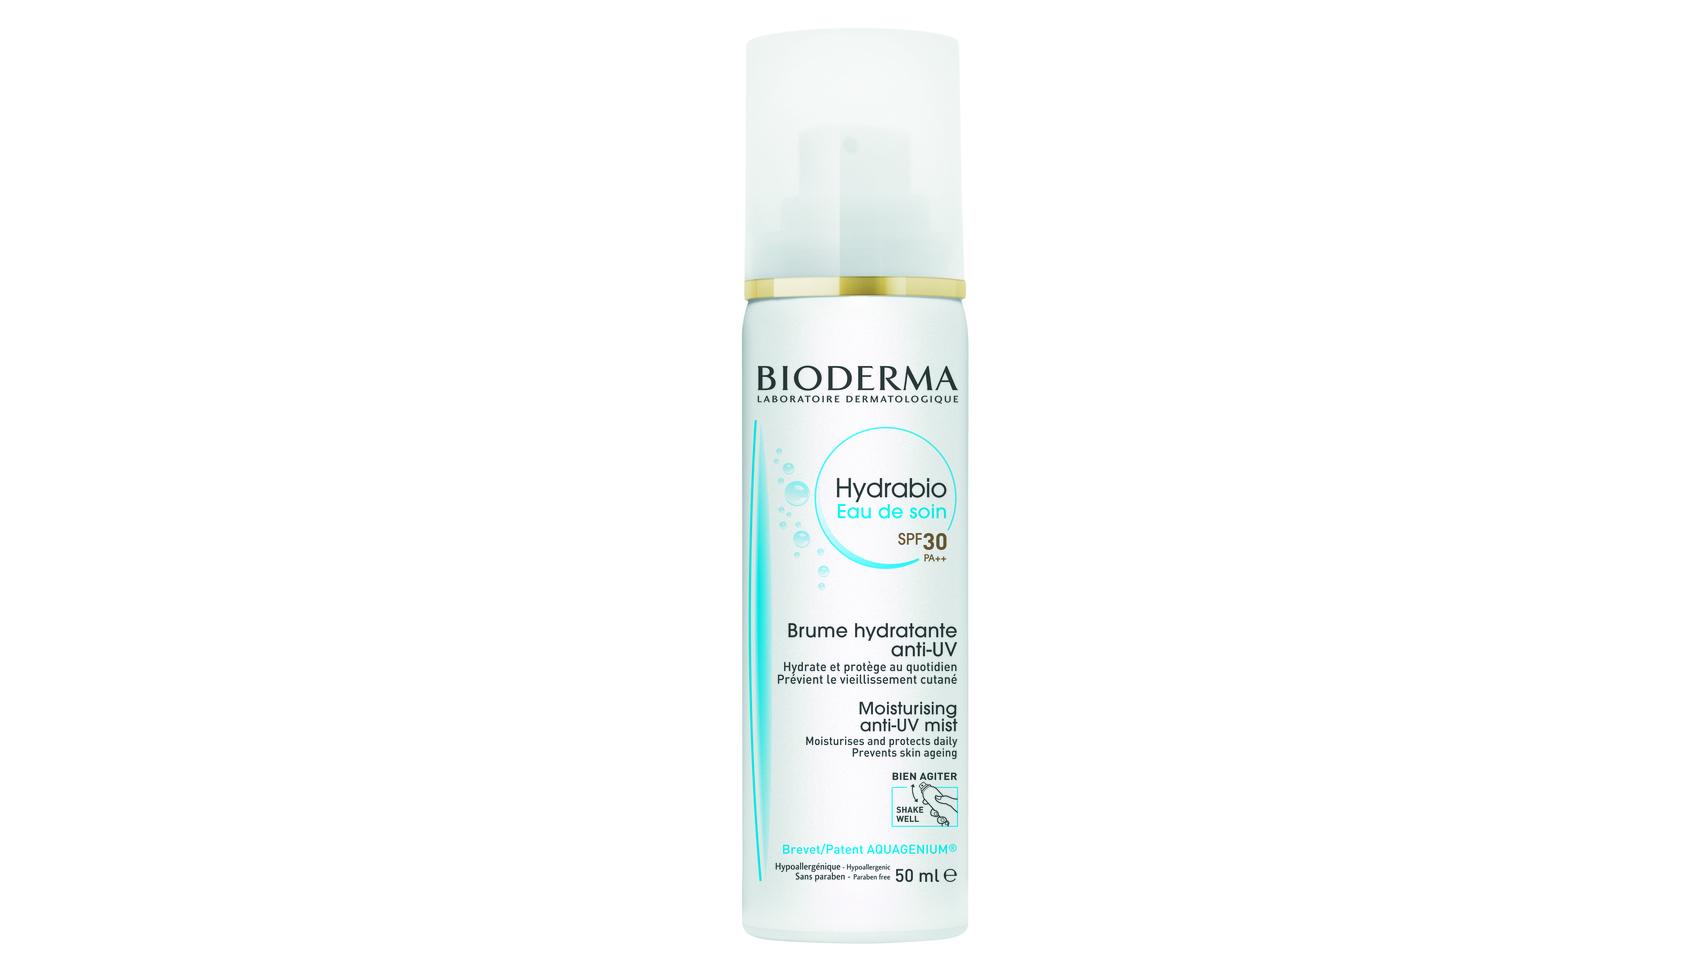 Hydrabio Agua hidratante SPF30 Bioderma.